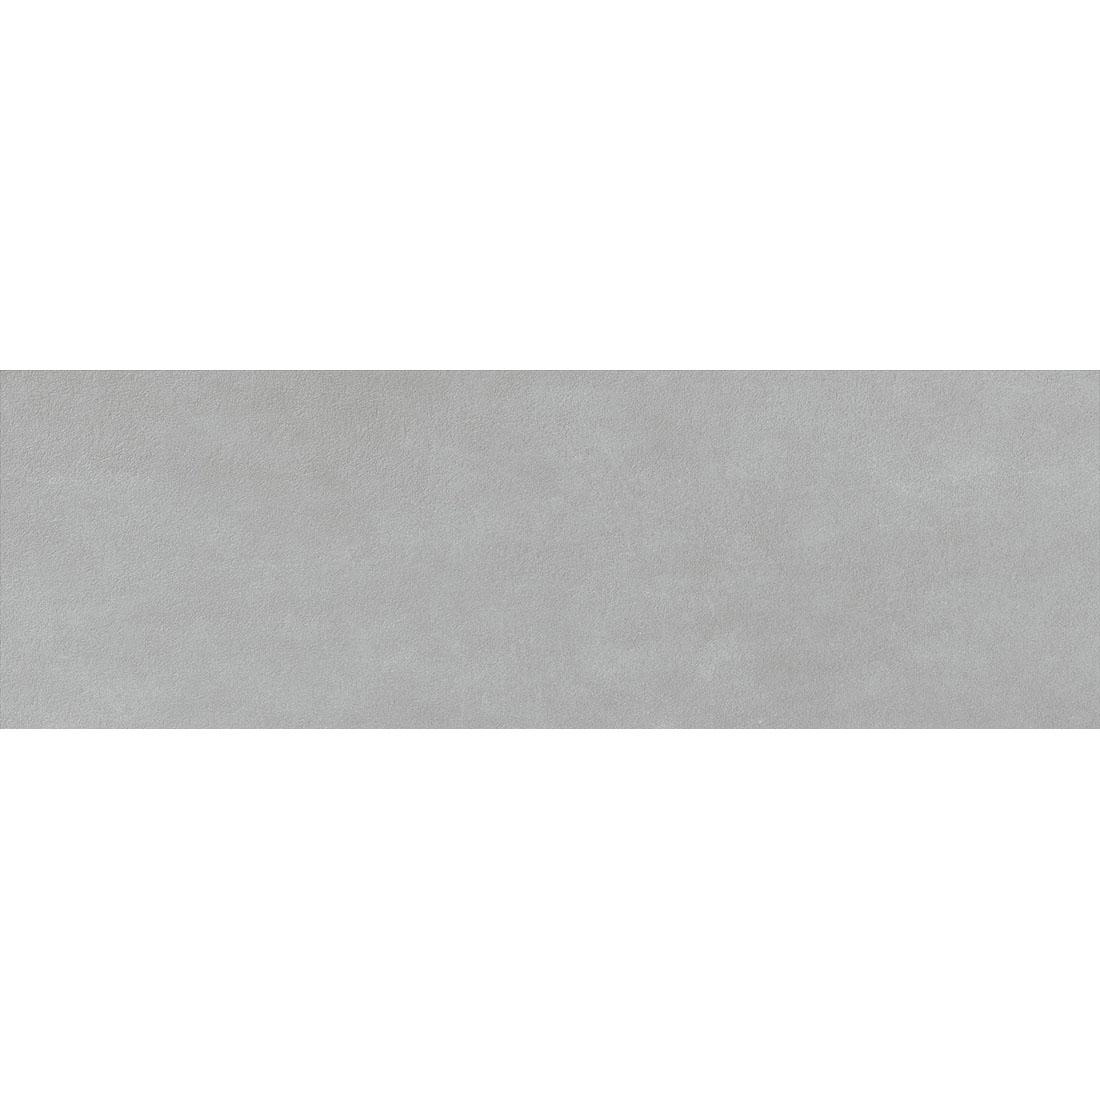 Neutral 40x120 Gris Matt